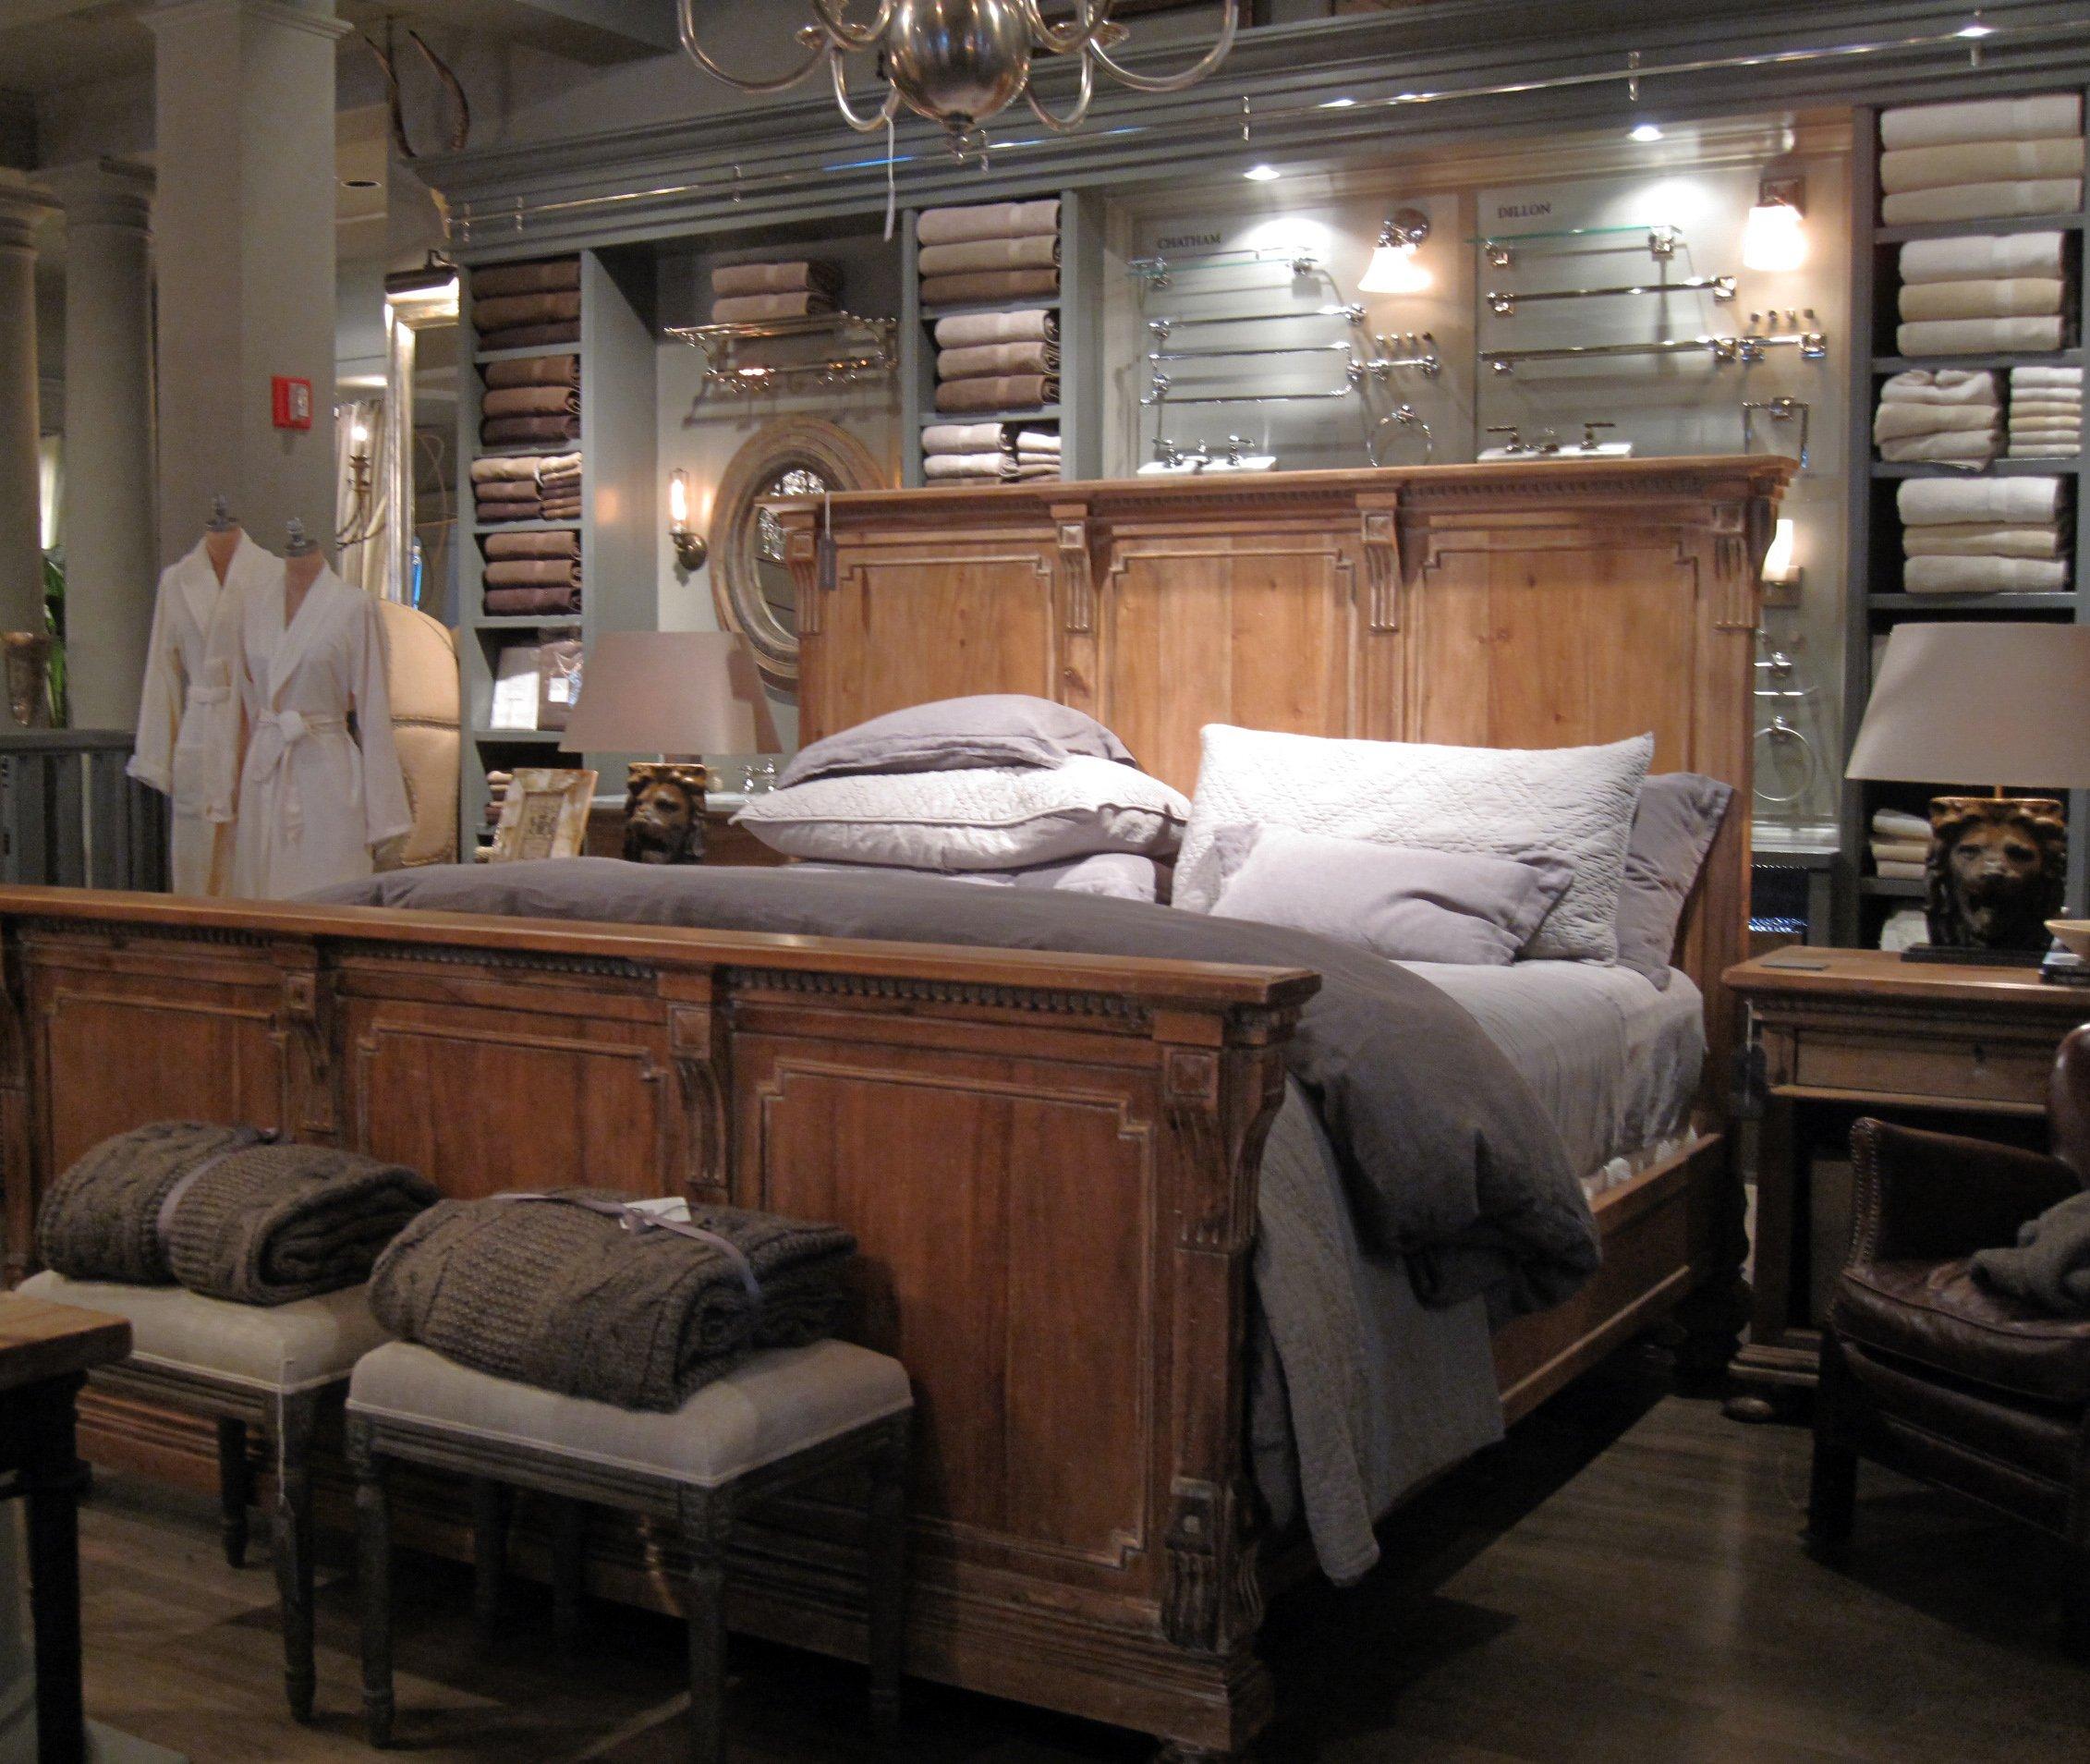 Restoration hardware bedroom furniture -  Estoration Hardware Bedroom Furniture Mia Upholstered Bed